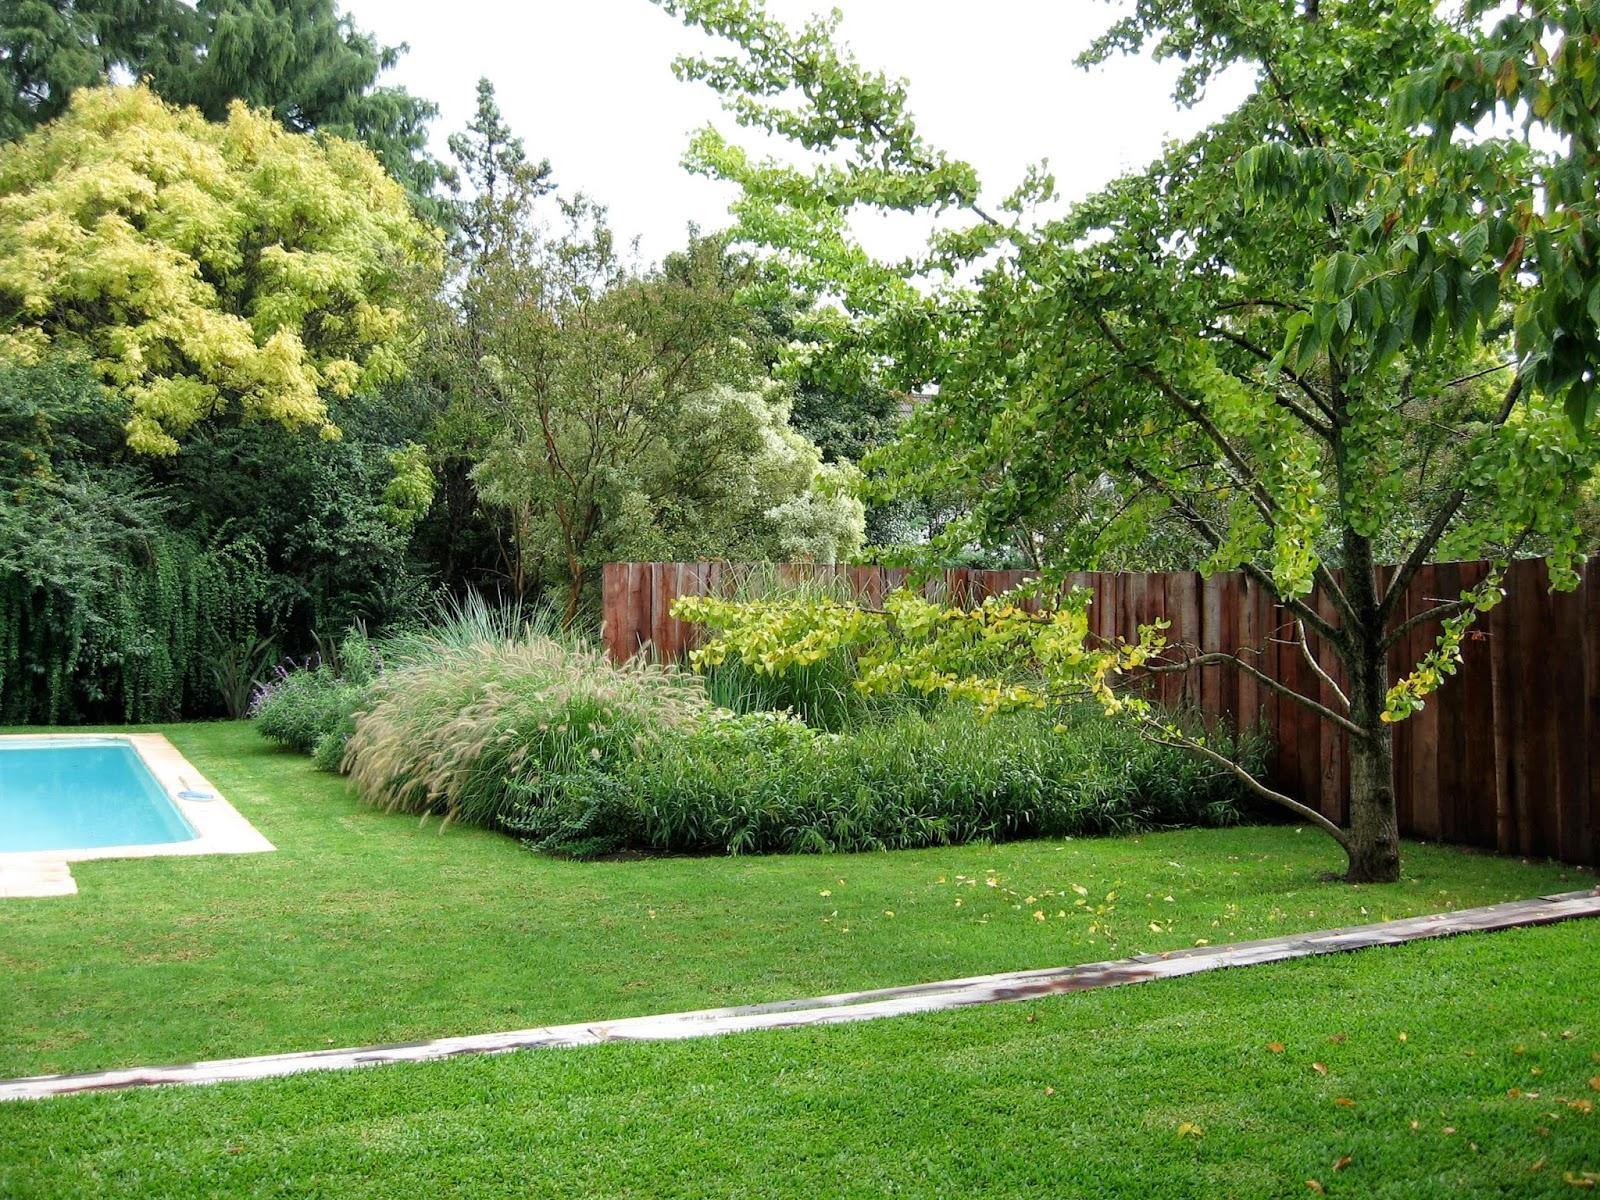 En el jardin cercos tapar hasta d nde - Cercas para jardines ...